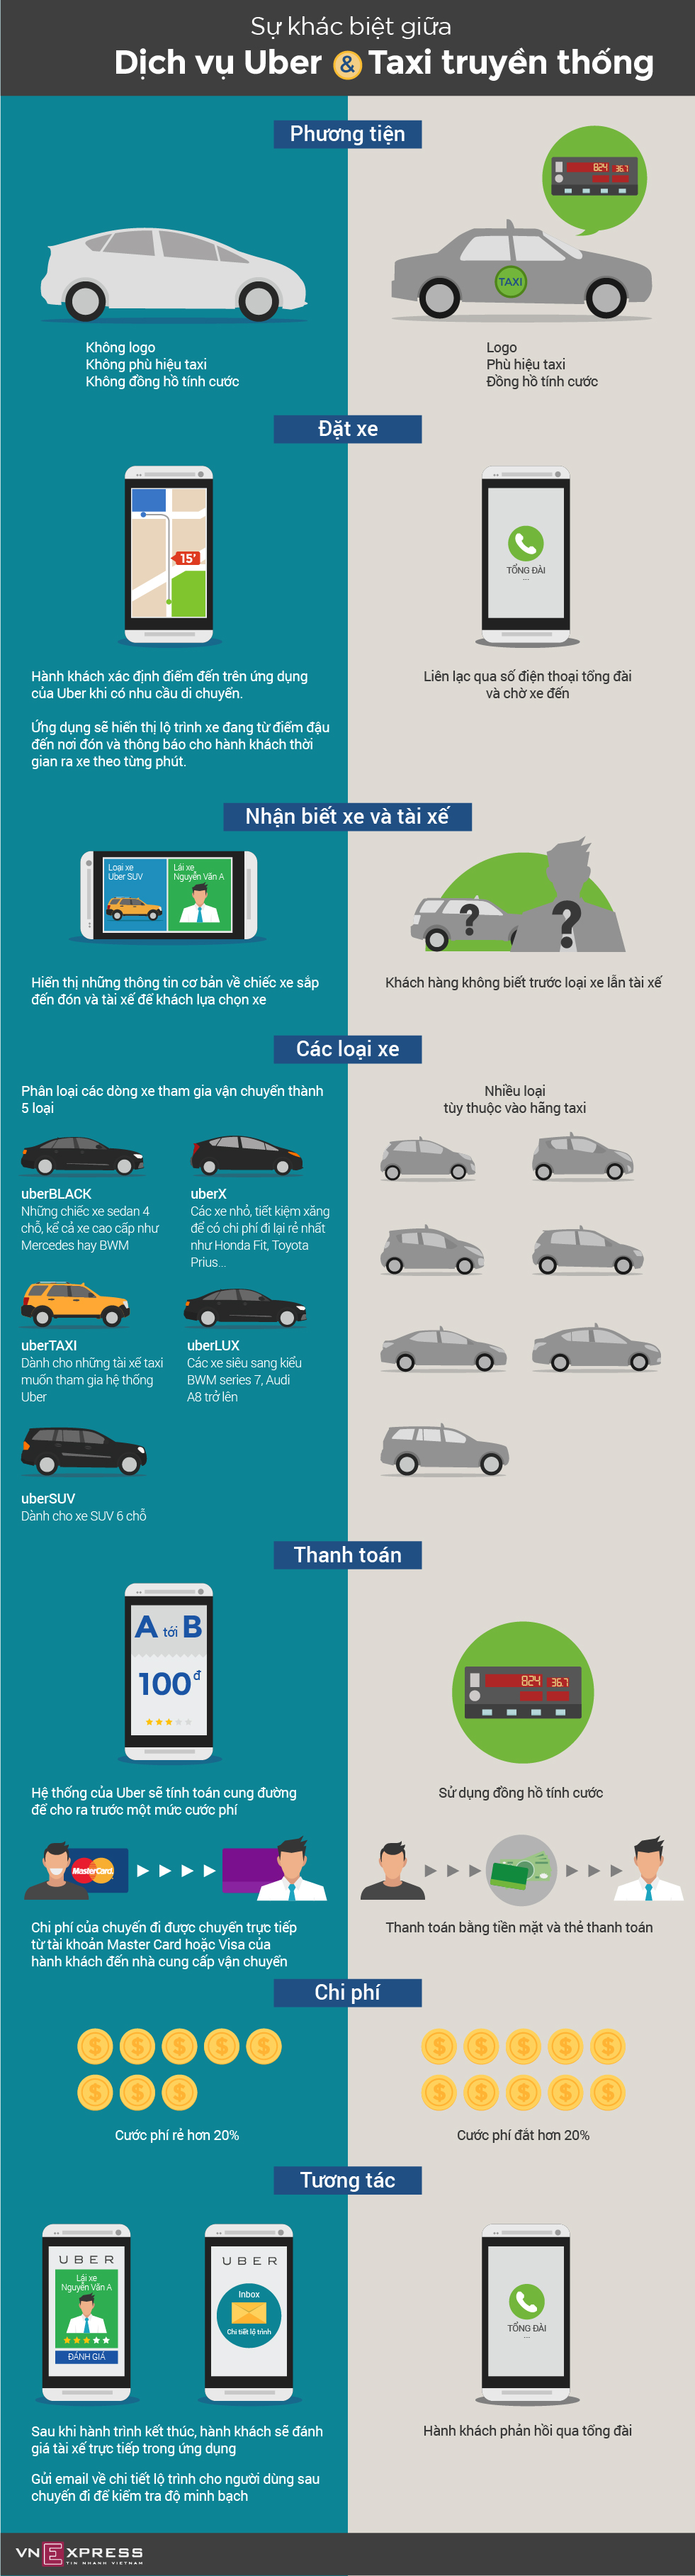 Khác biệt giữa Uber và taxi truyền thống